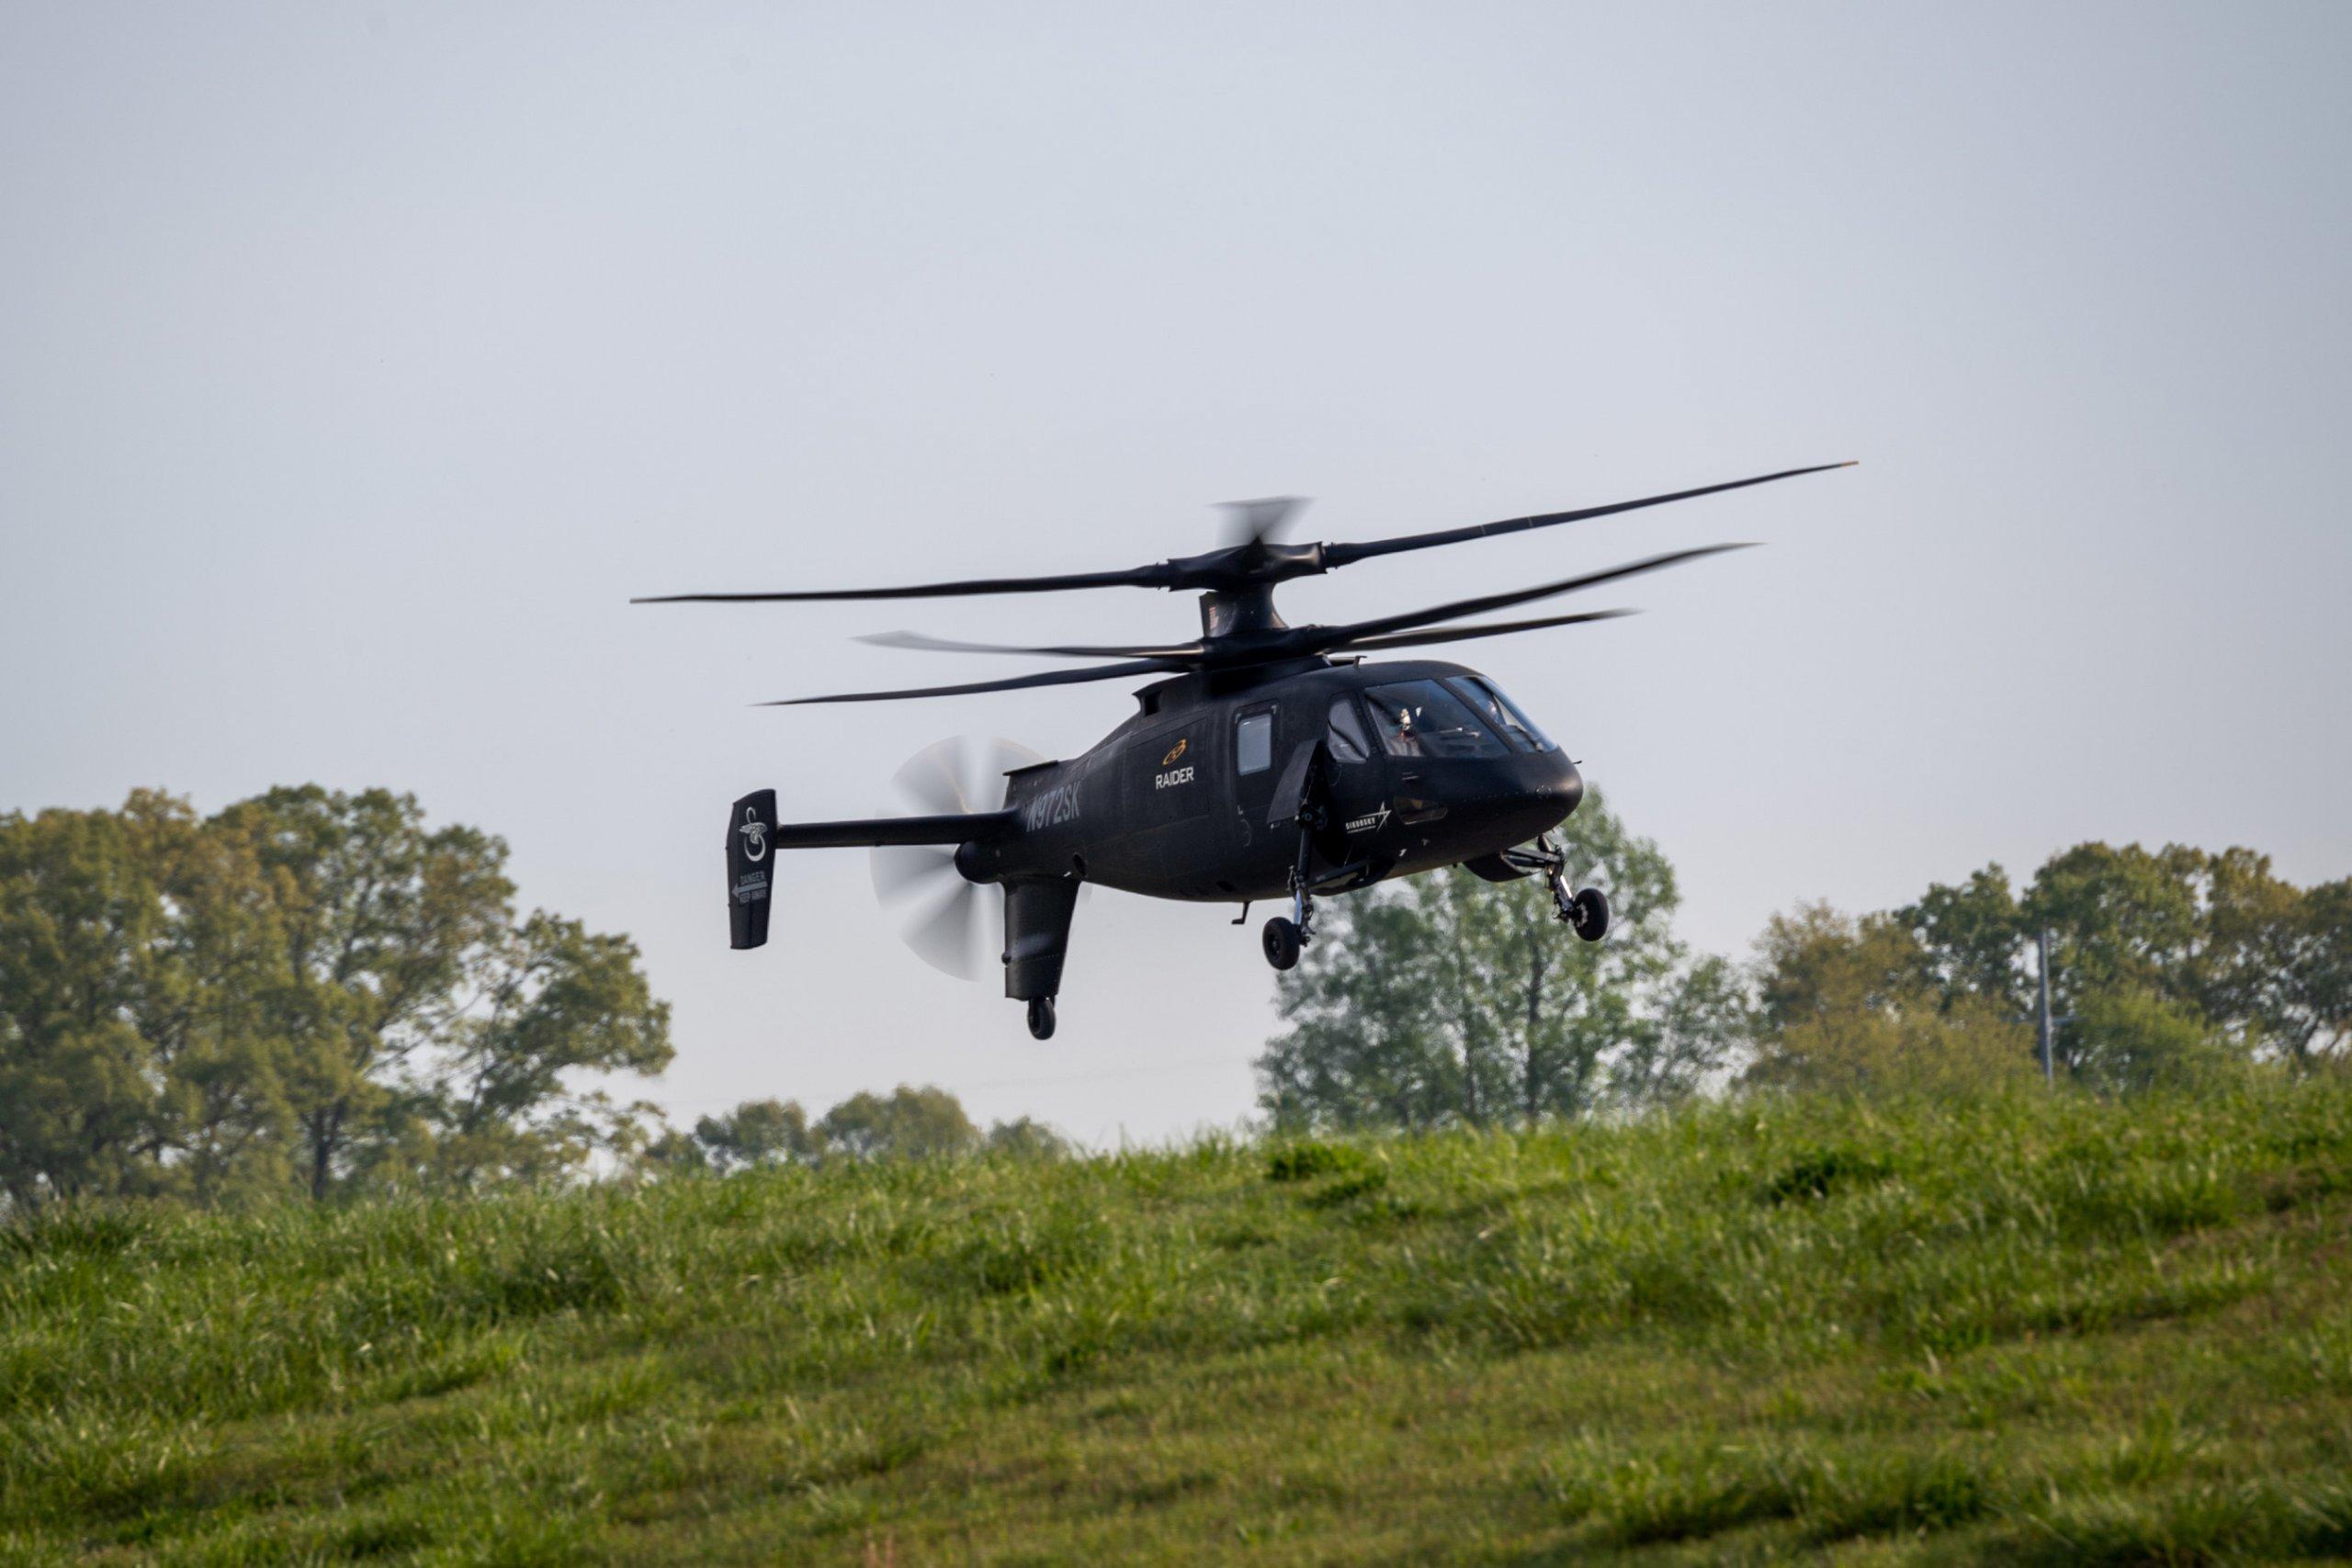 The S-97 Raider